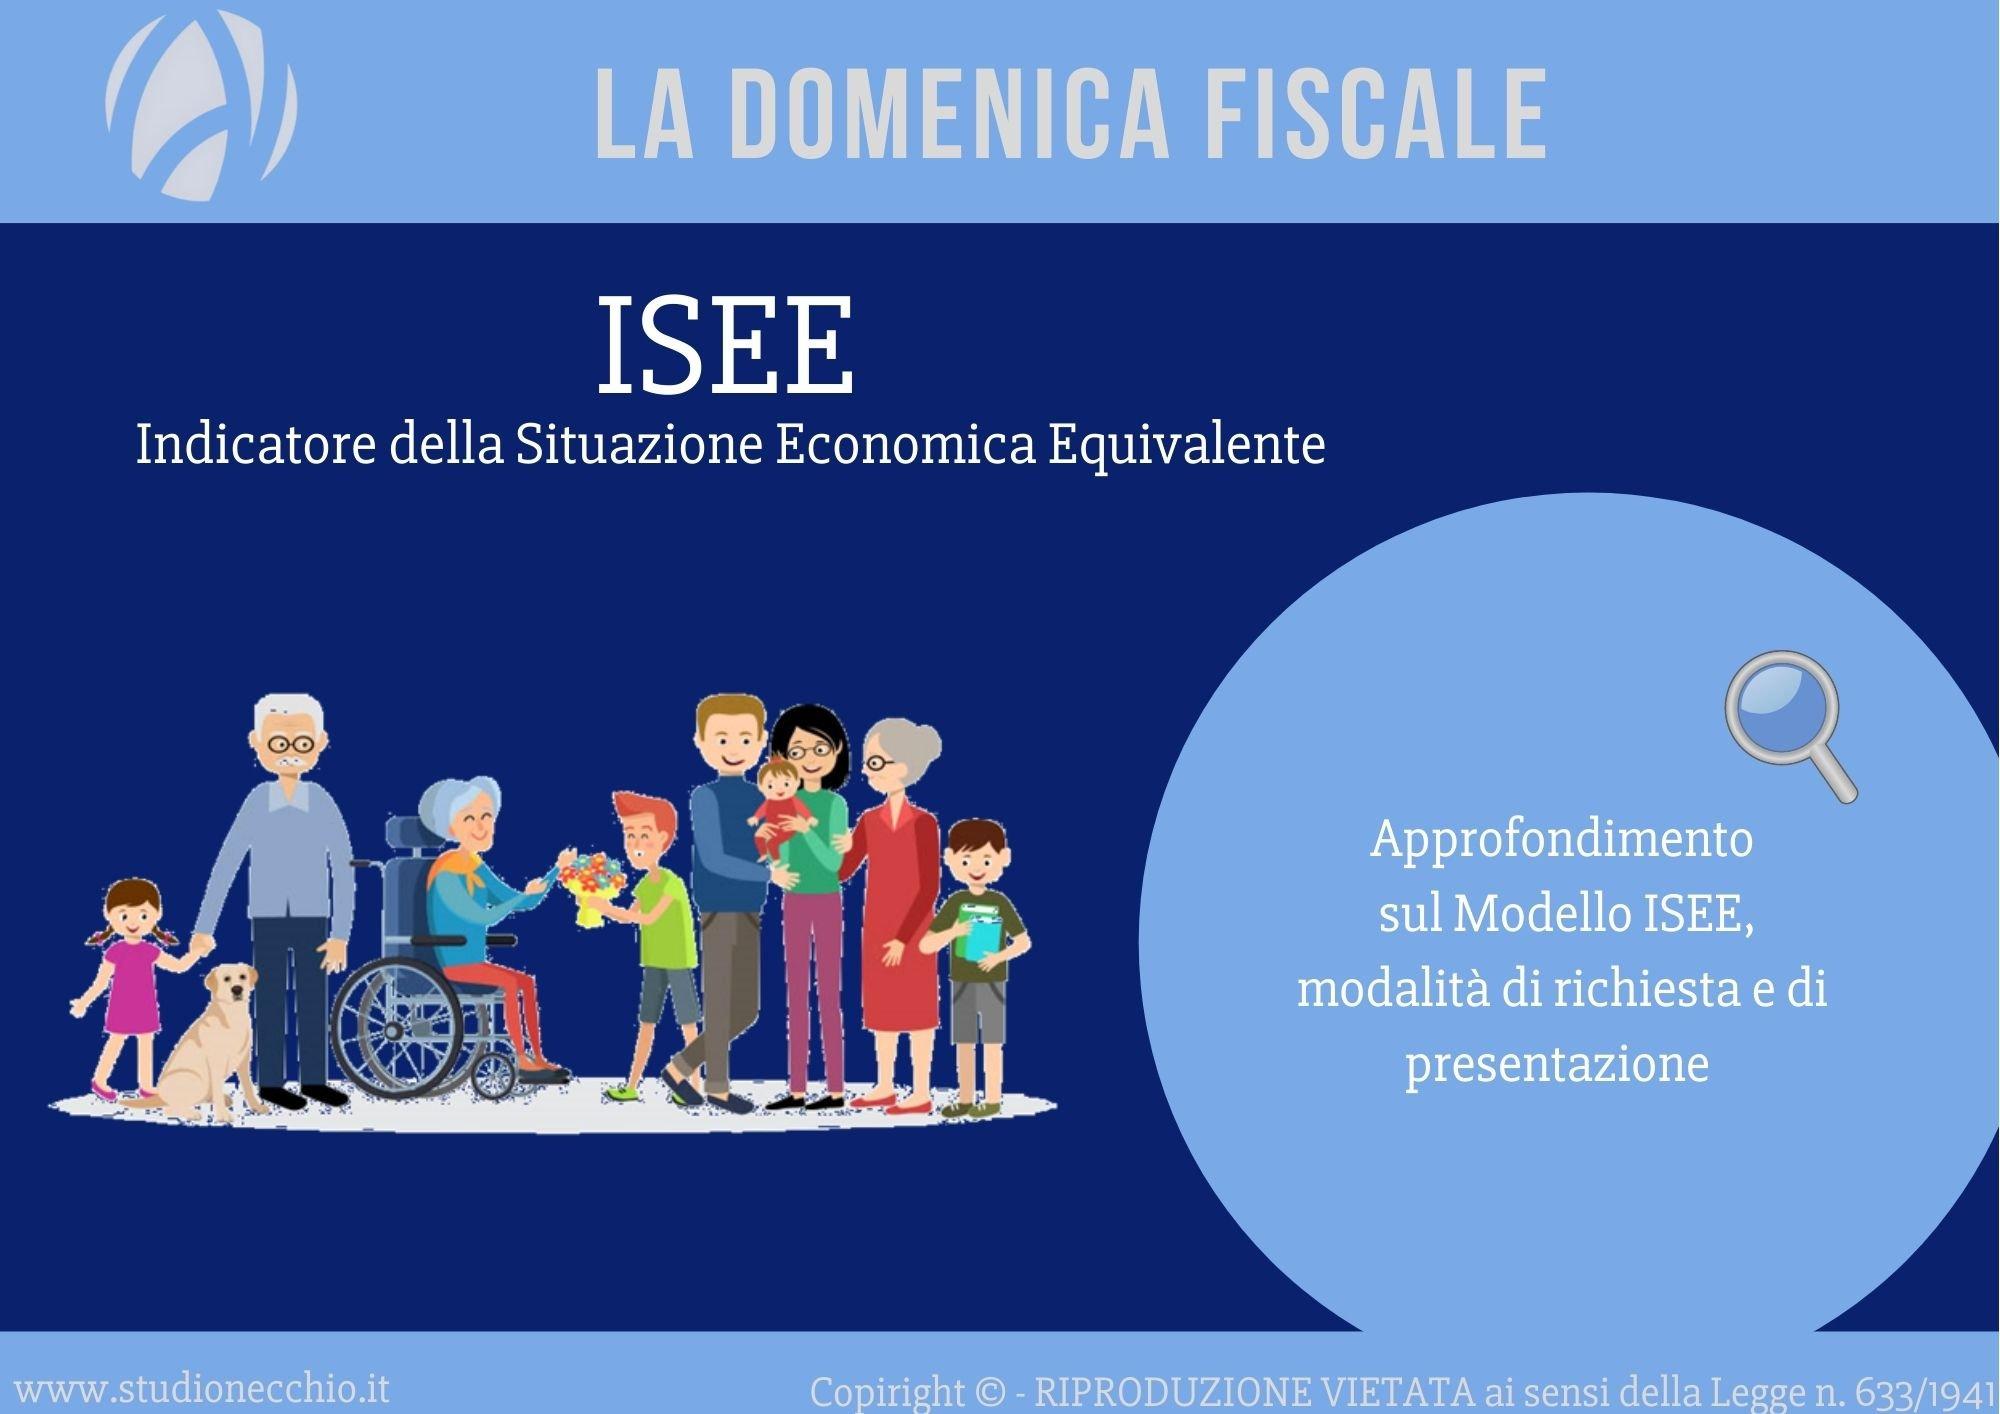 La Domenica Fiscale – ISEE